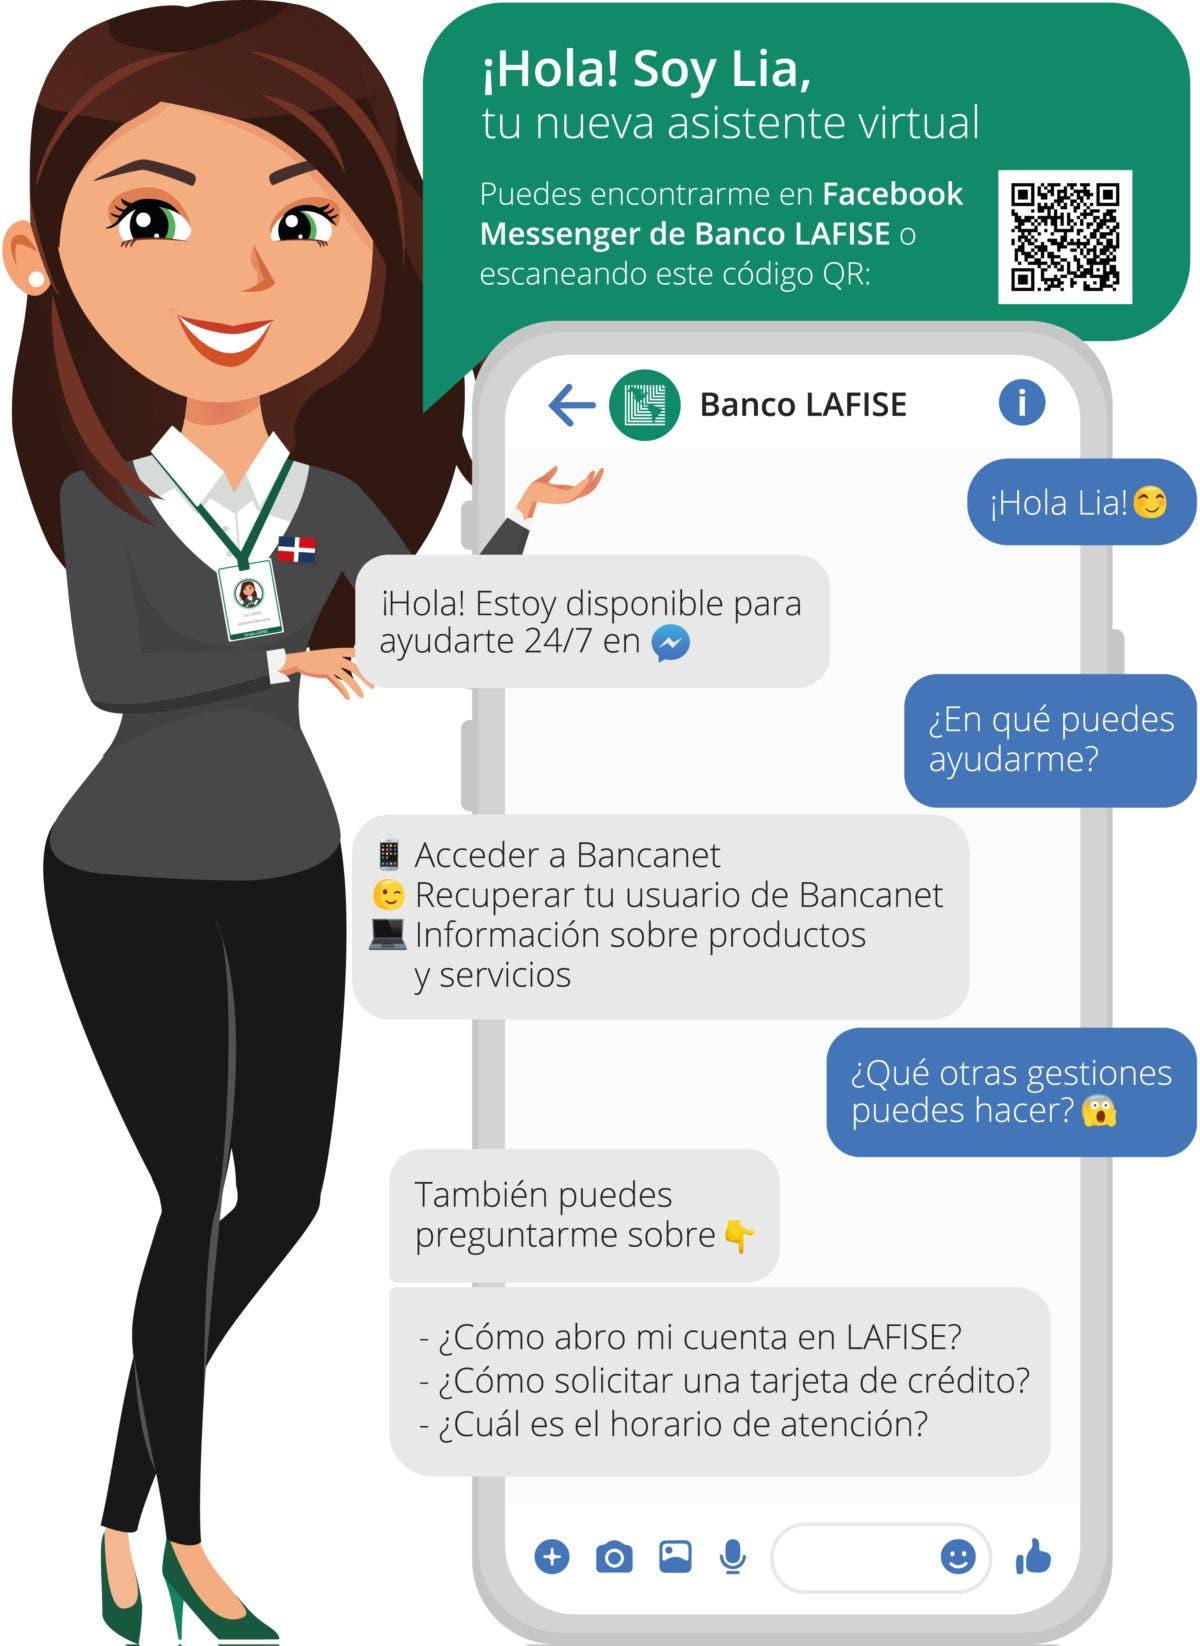 Banco LAFISE presenta a Lía, su nueva asistente virtual